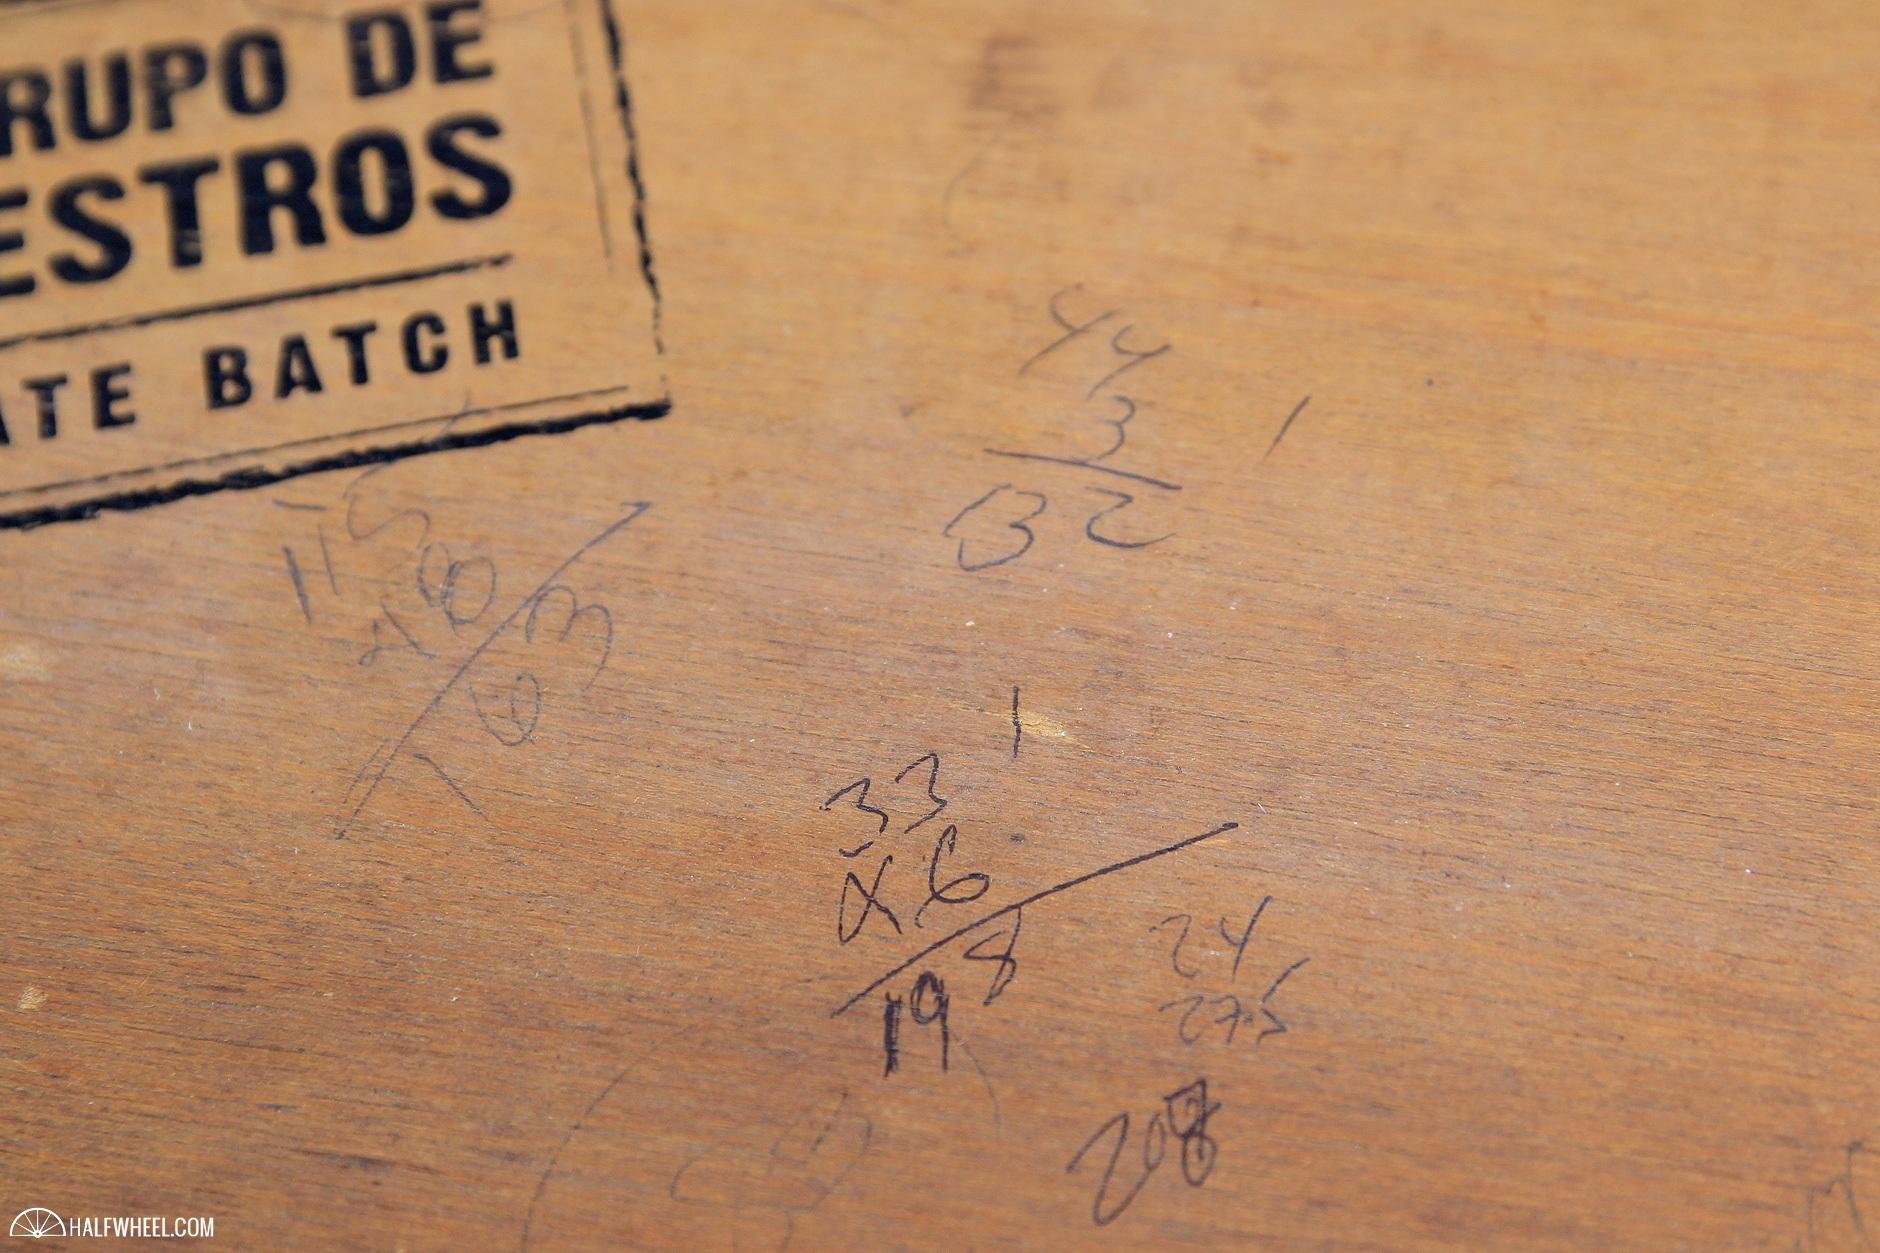 Montecristo Grupo de Maestros Private Batch Box Math